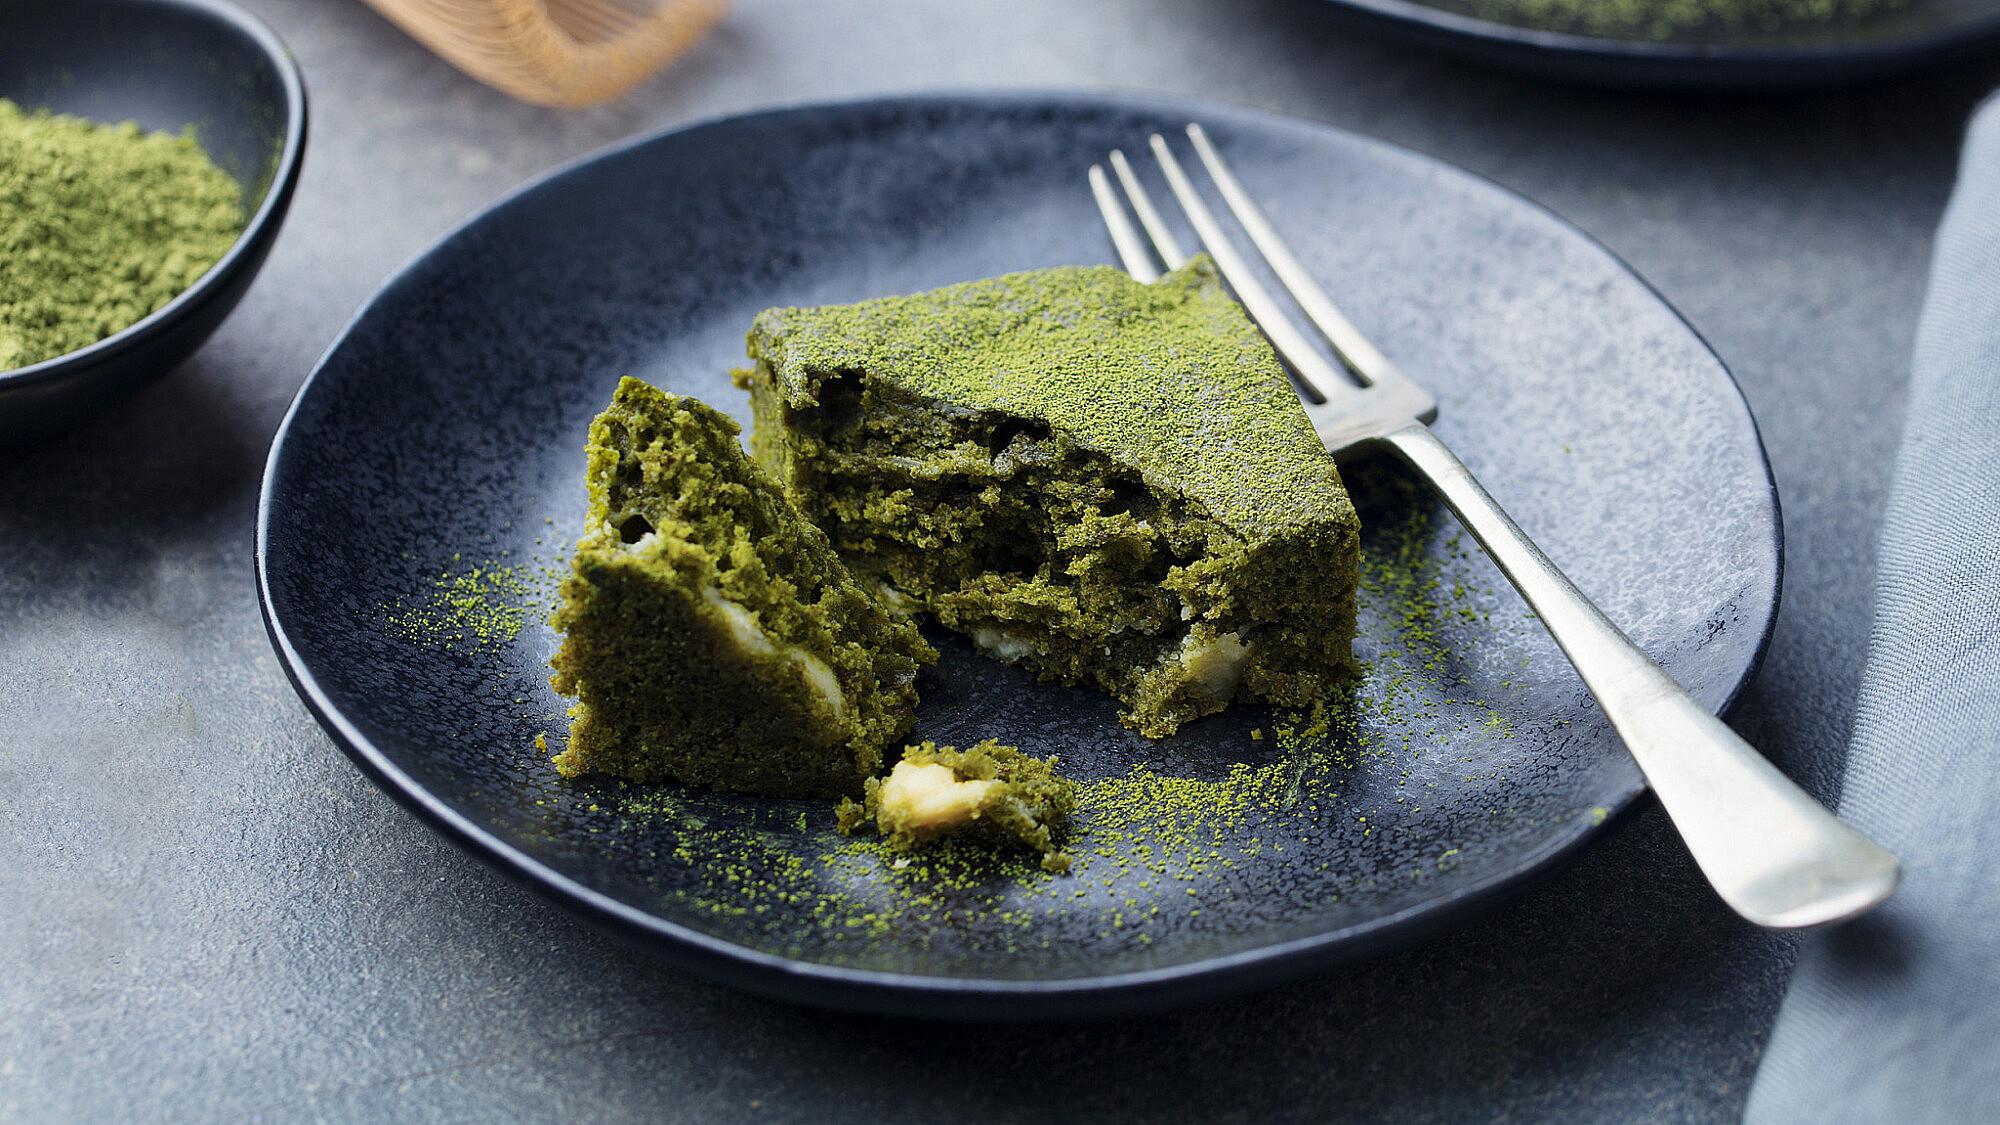 עוגת פיסטוקים ירוקה. צילום: shutterstock